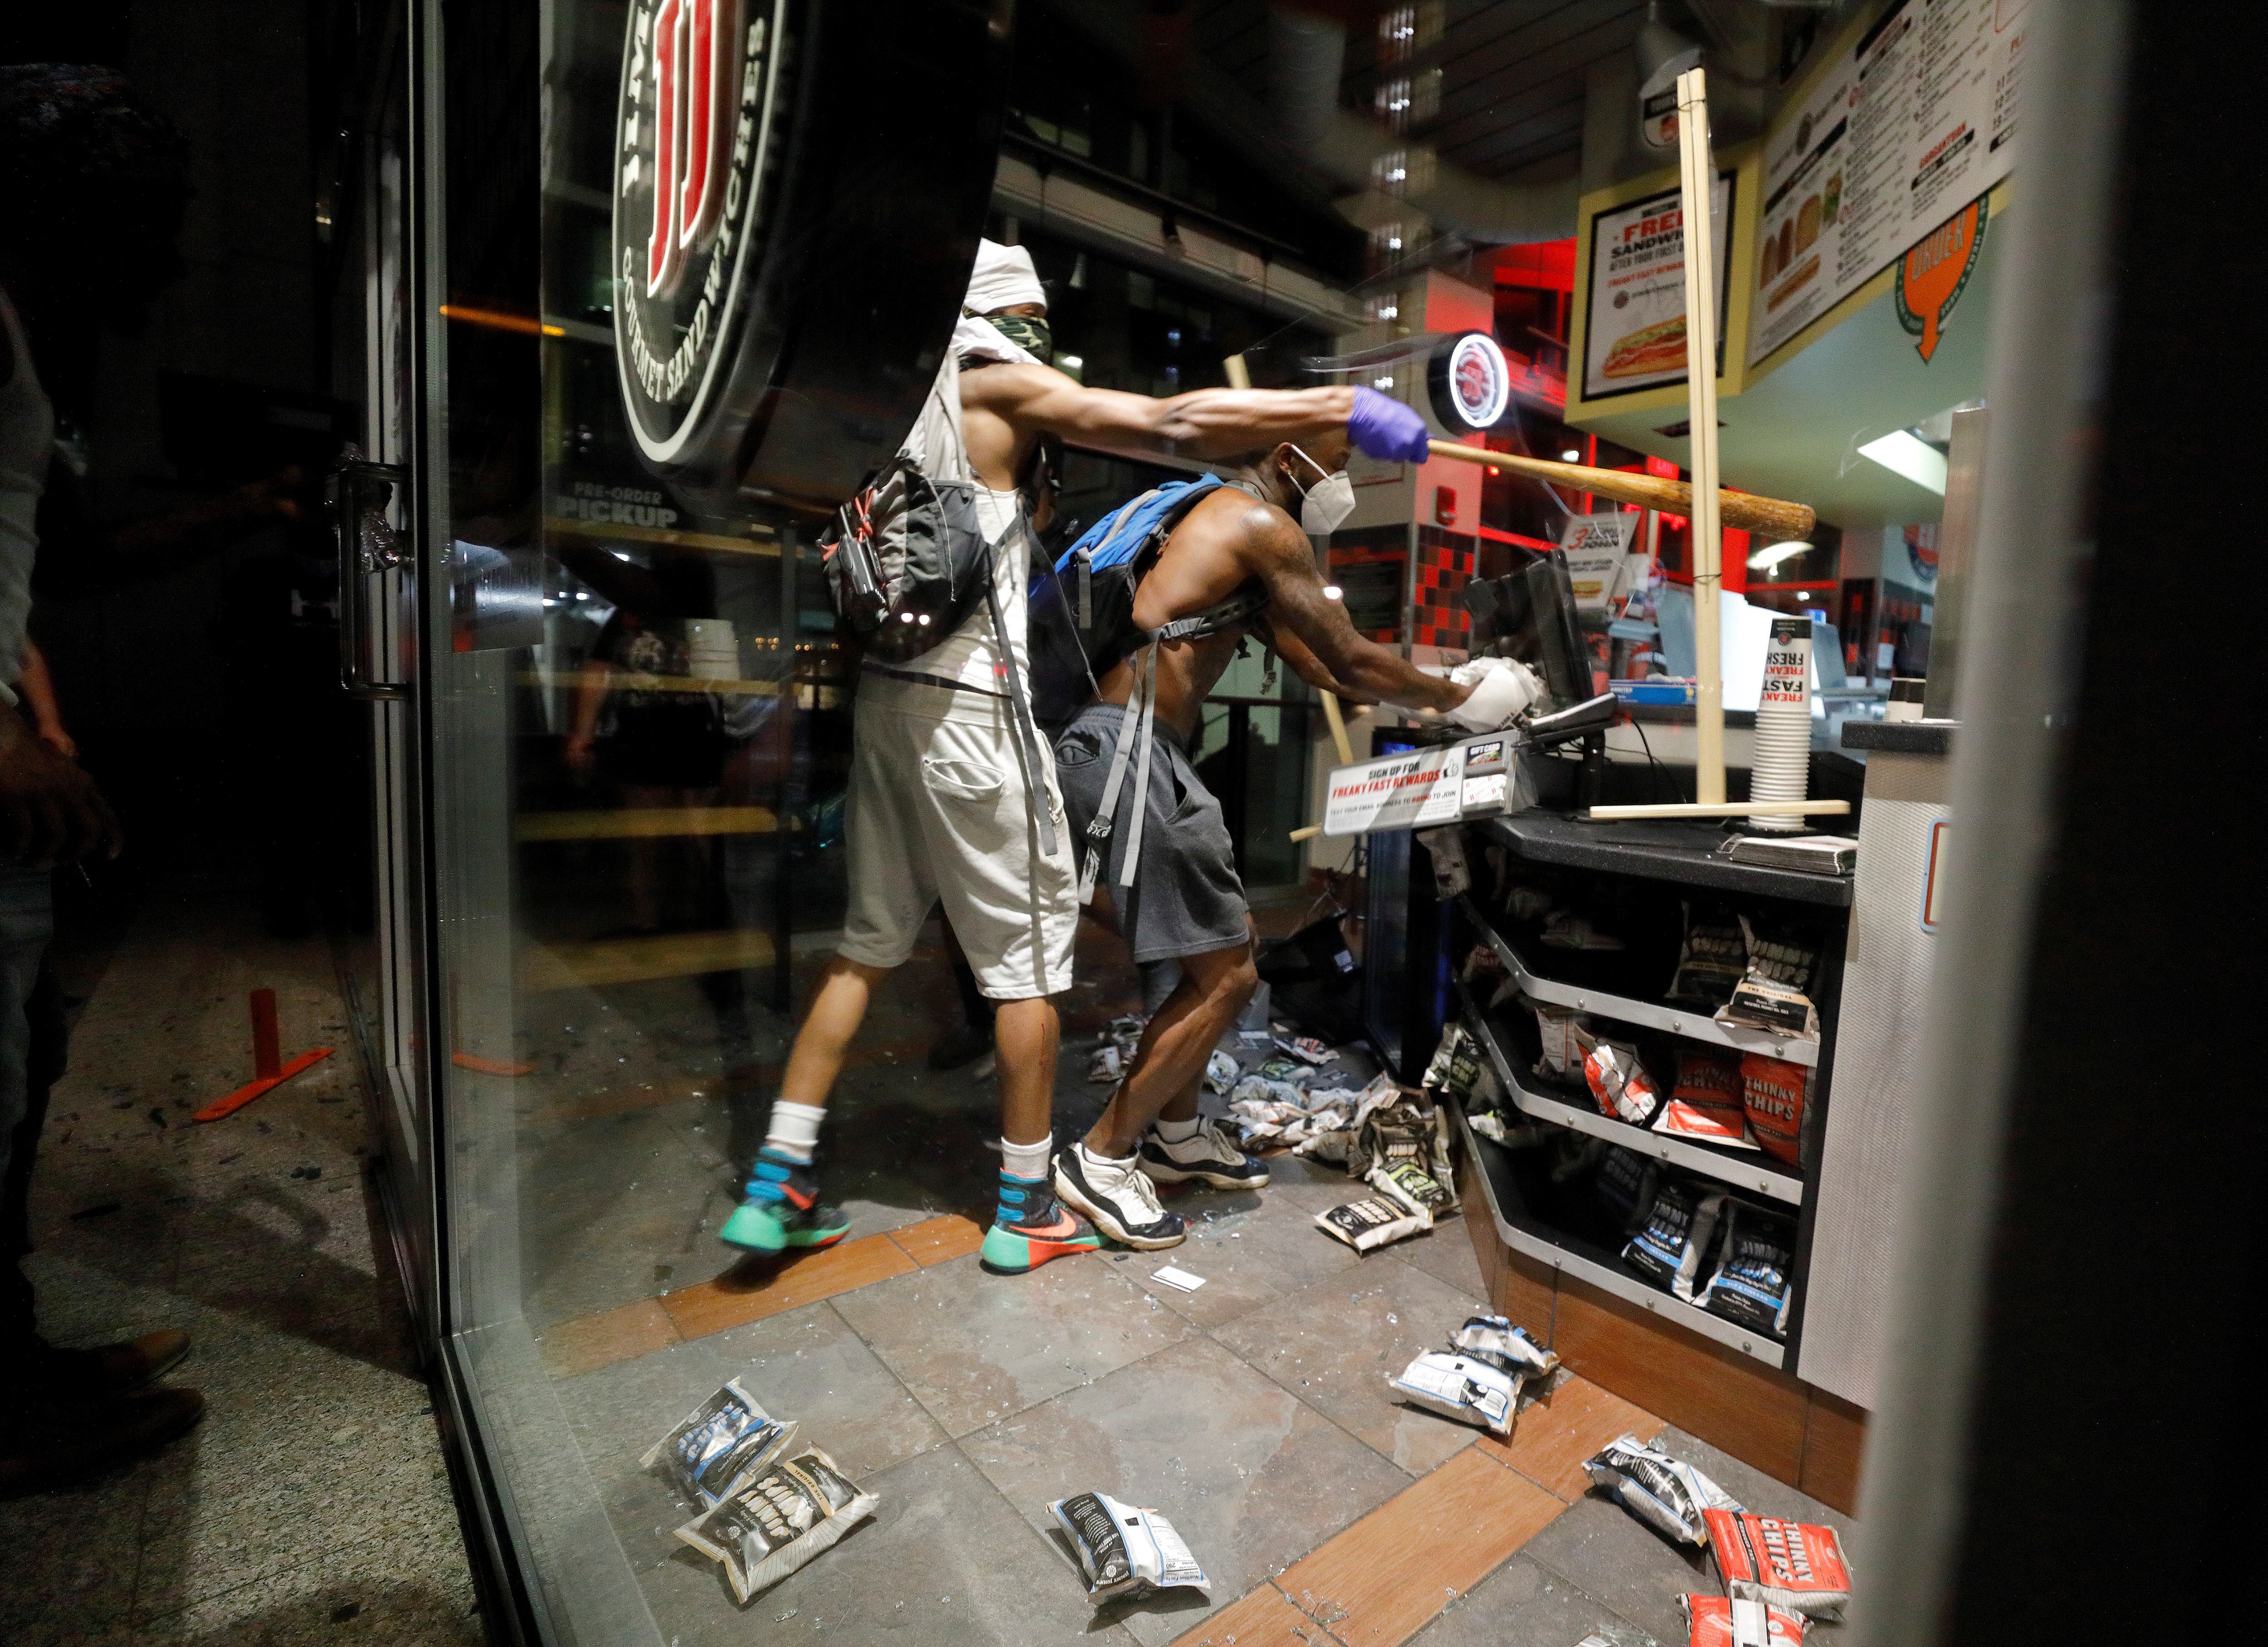 Dos hombres saquean un restaurante de comida ráoida Raleigh, Carolina del Norte